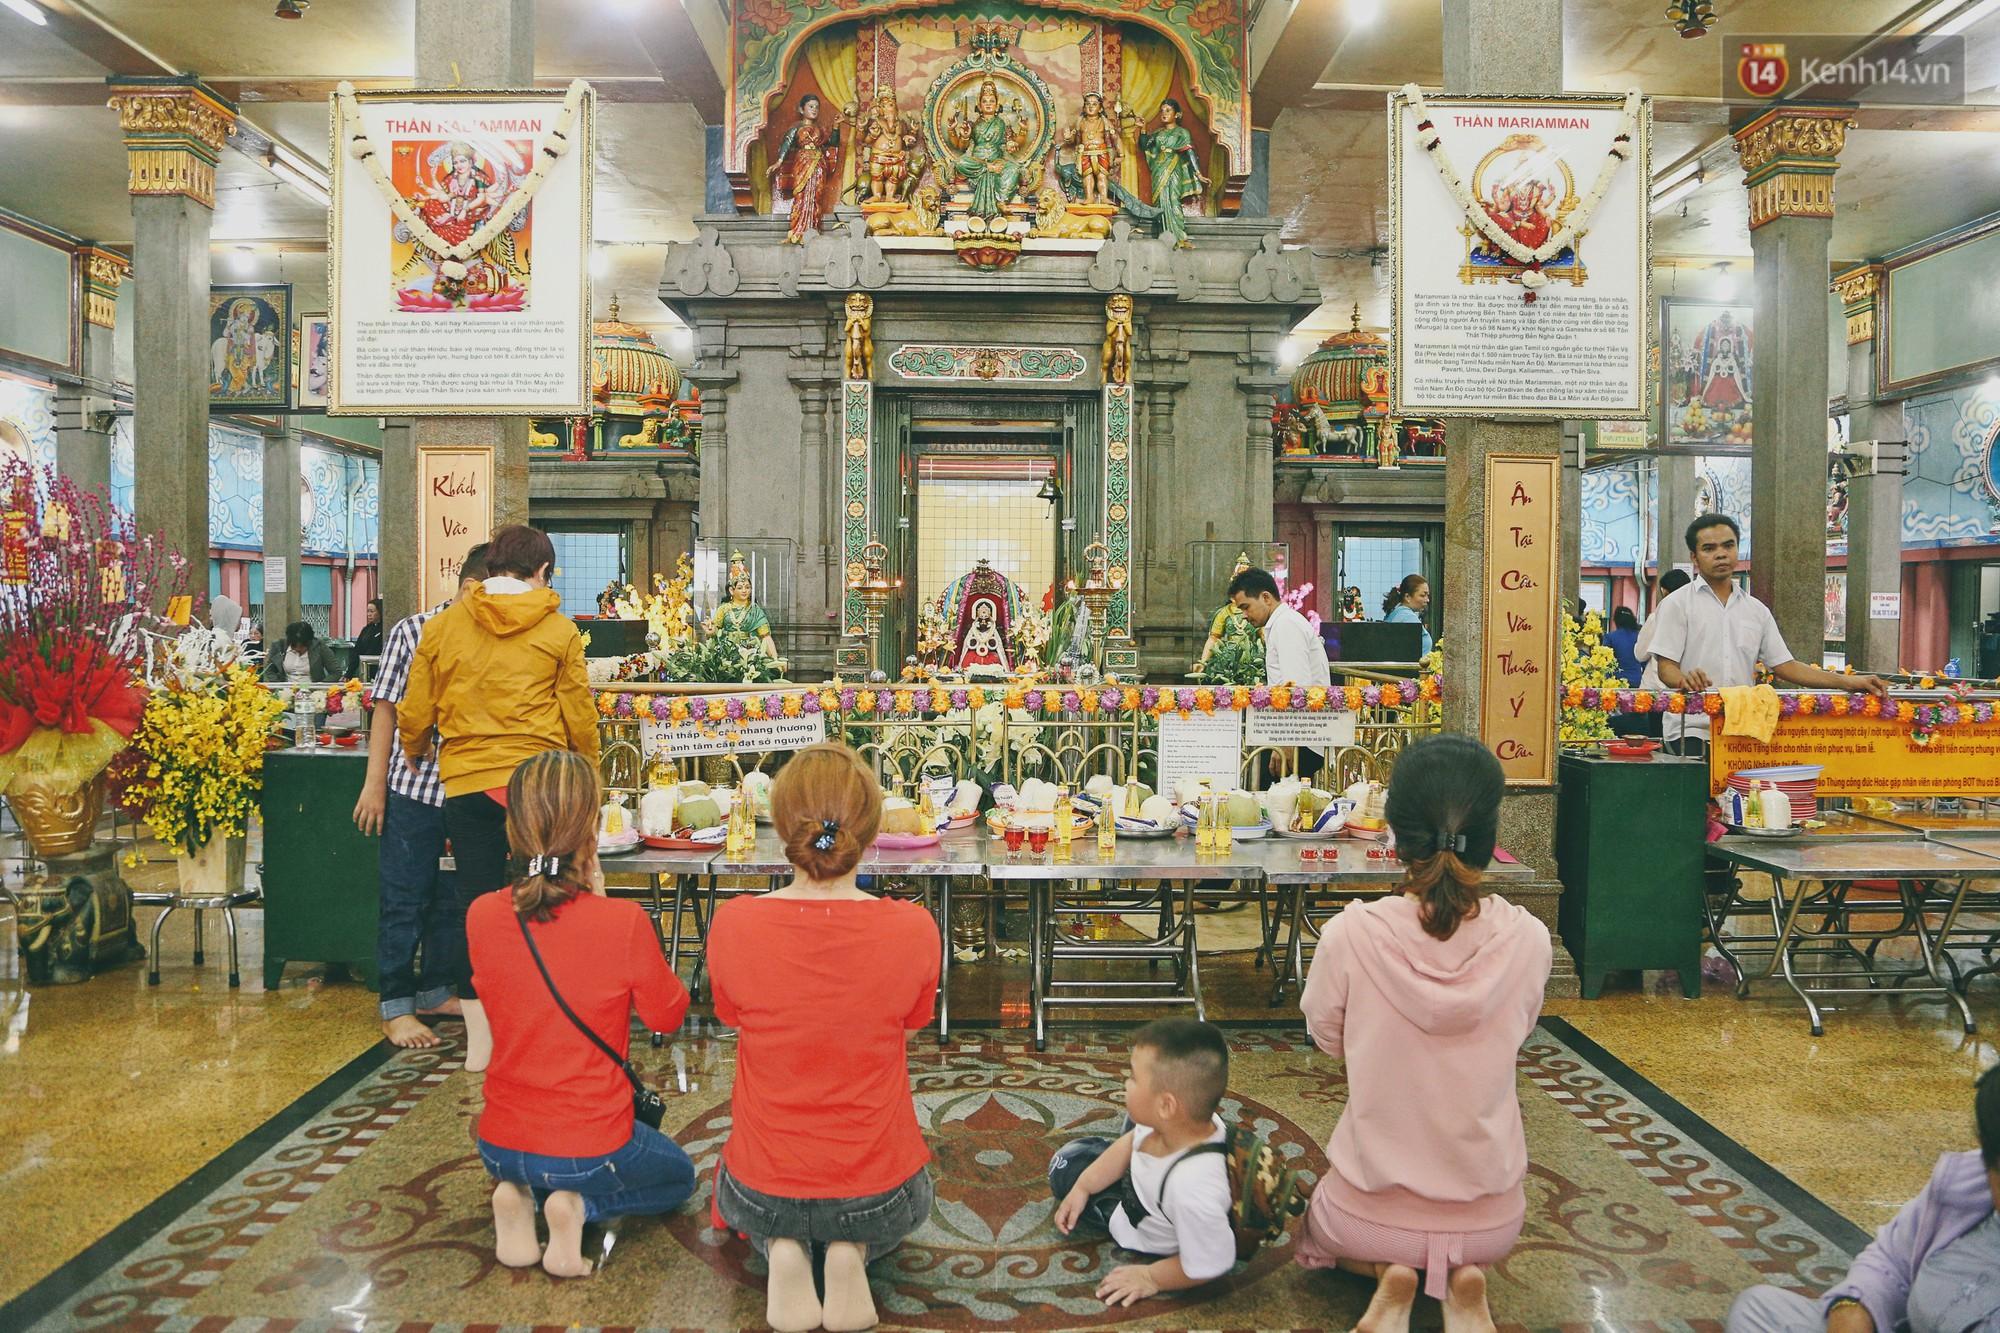 Người Sài Gòn tìm đến úp mặt tâm sự cùng tường đá trong ngôi đền Ấn giáo trăm tuổi - Ảnh 3.